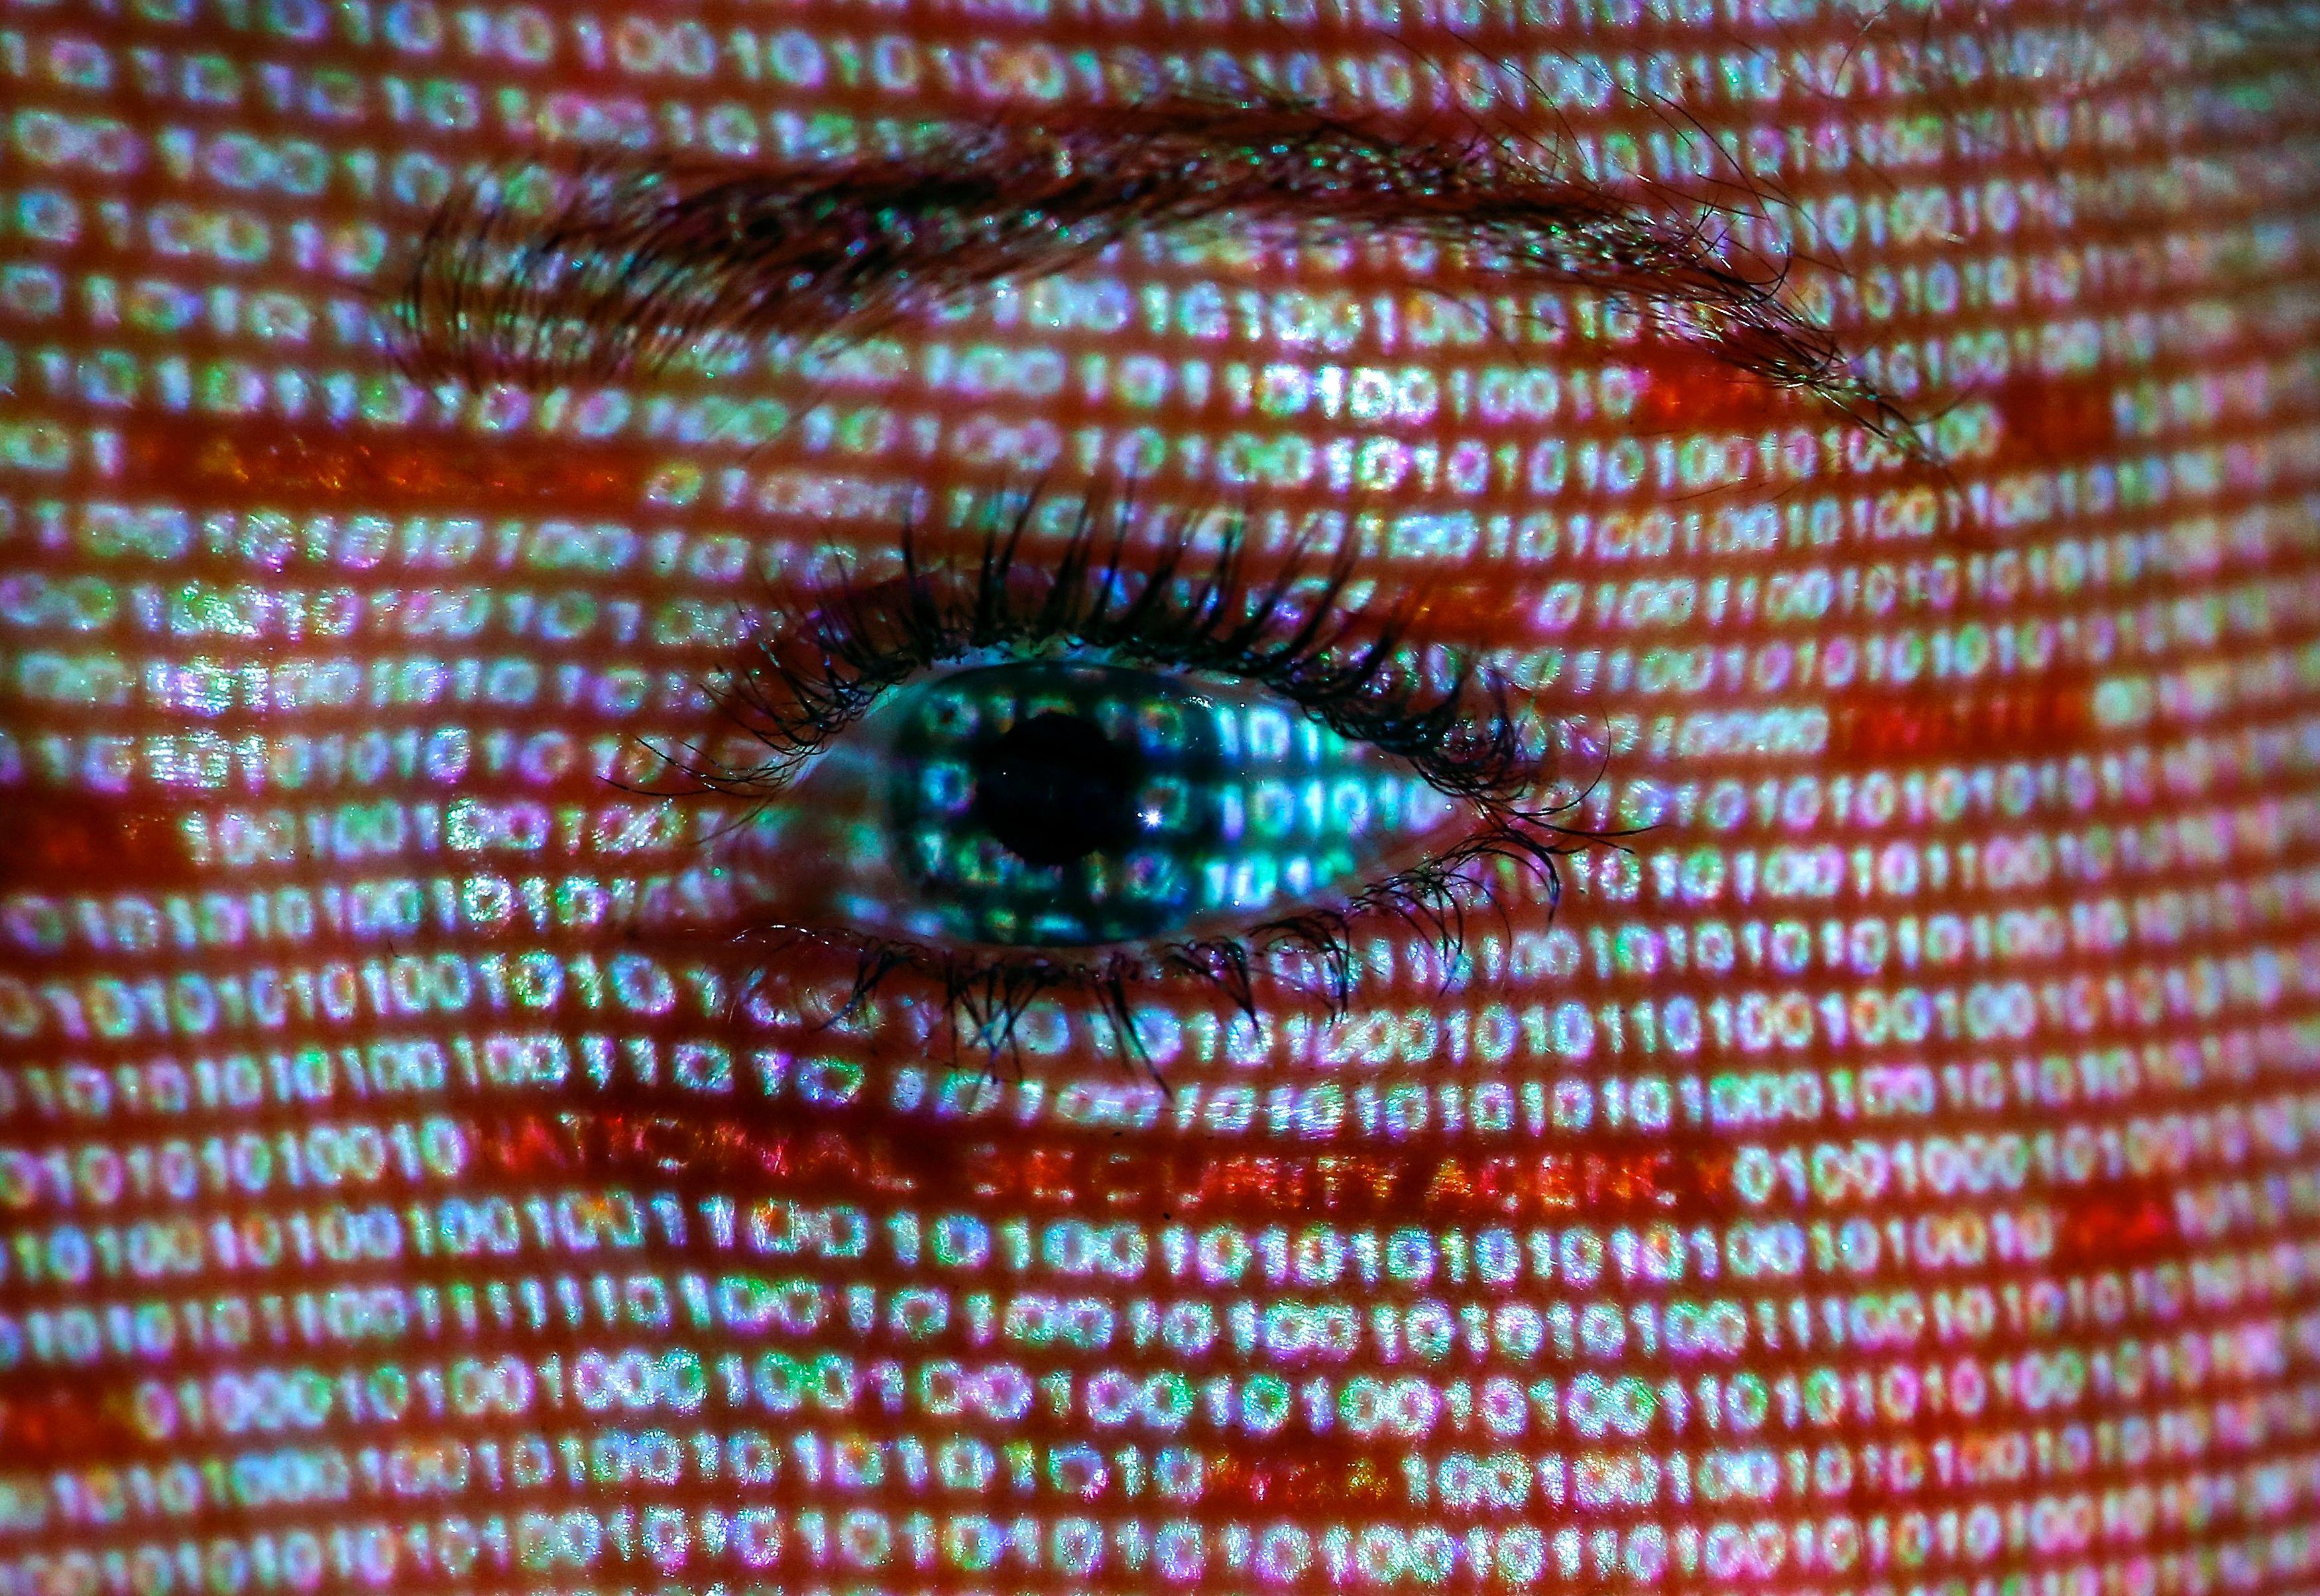 La France aurait mis en place une surveillance généralisée